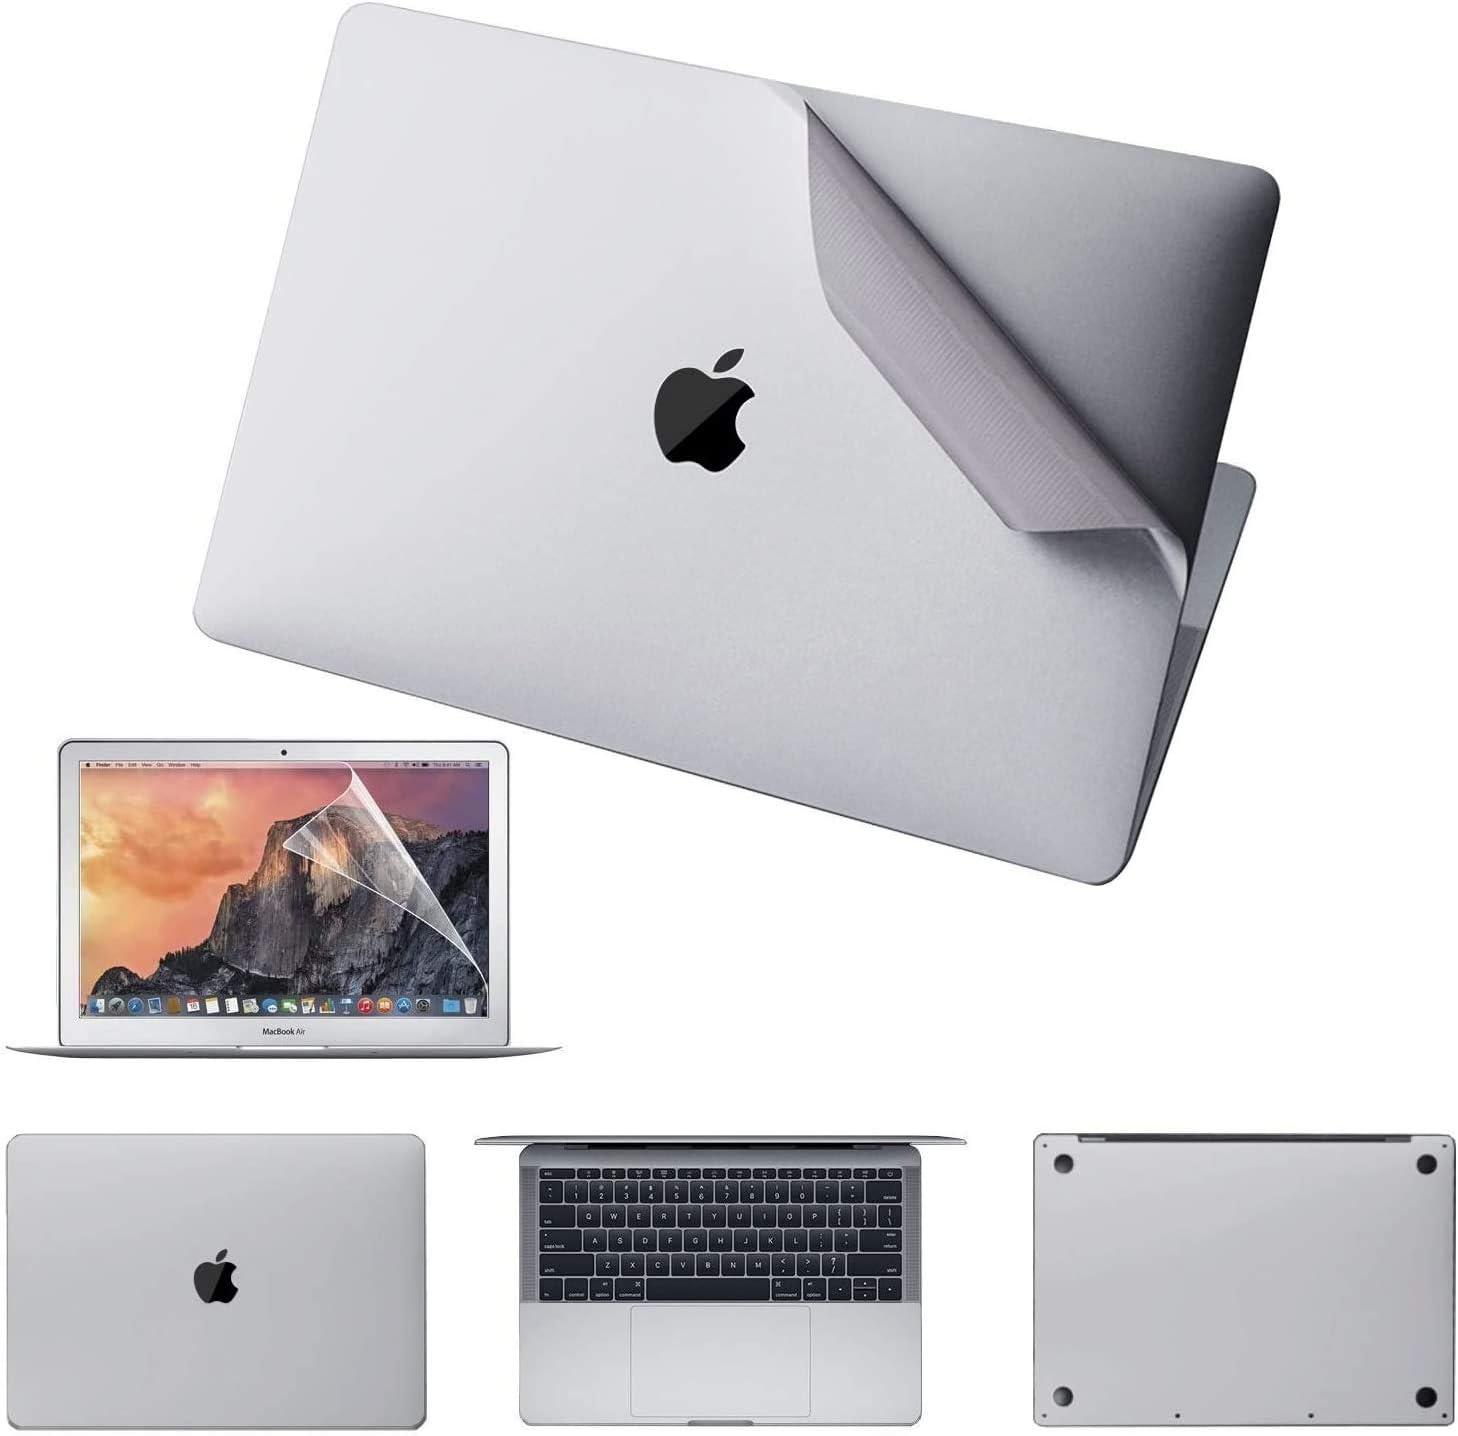 Macbook Skin Sport Macbook Skin Air 13 2019 Skin Laptop Decal Mac Pro Skin Black Sport Skin Pro 16 A2141 Skin Retina 15 Skin Air 11 A1465